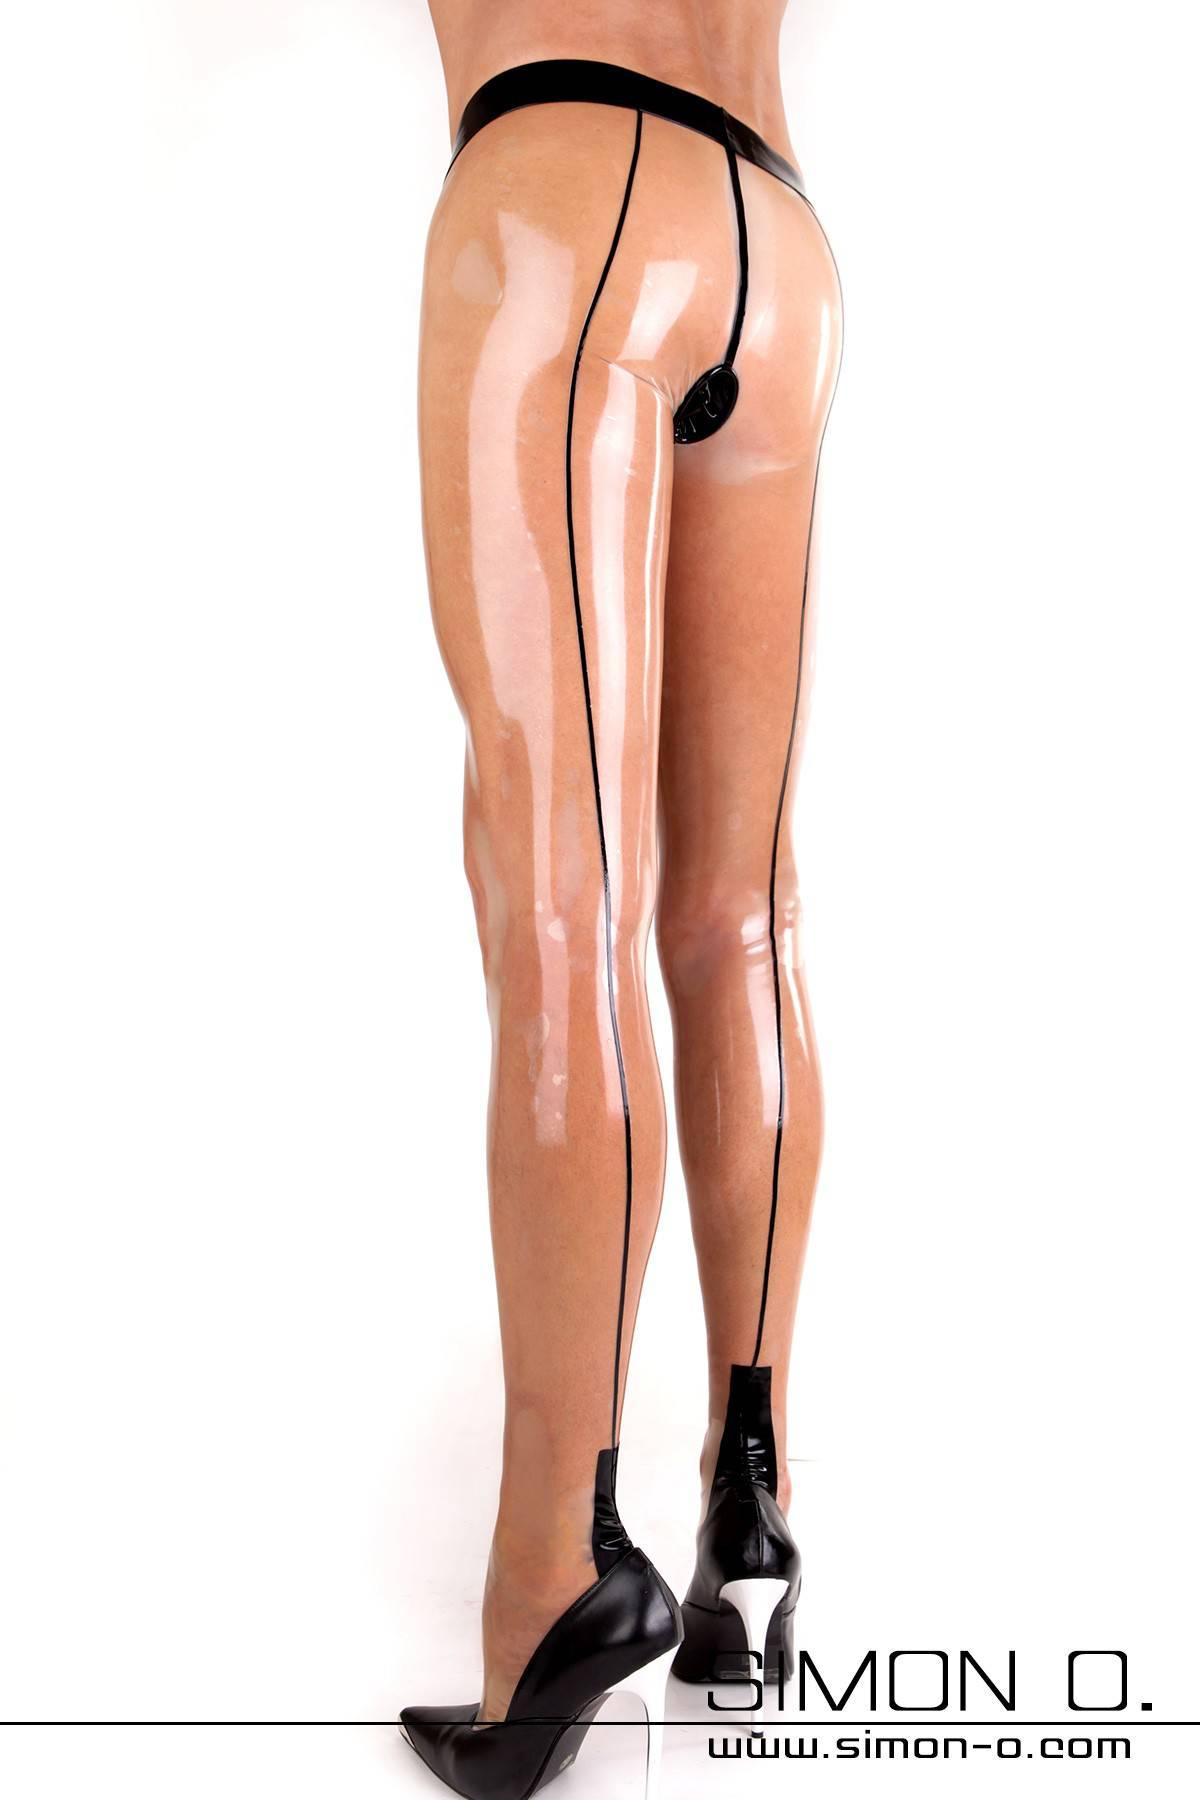 Sexy Herren Latexstrumpfhose mit Codpiece Ein Zipp im Analbereich oder Analkondom ist bei diesem Modell ebenfalls möglich.Der Bund dieser Latexstrumpfhose ist …